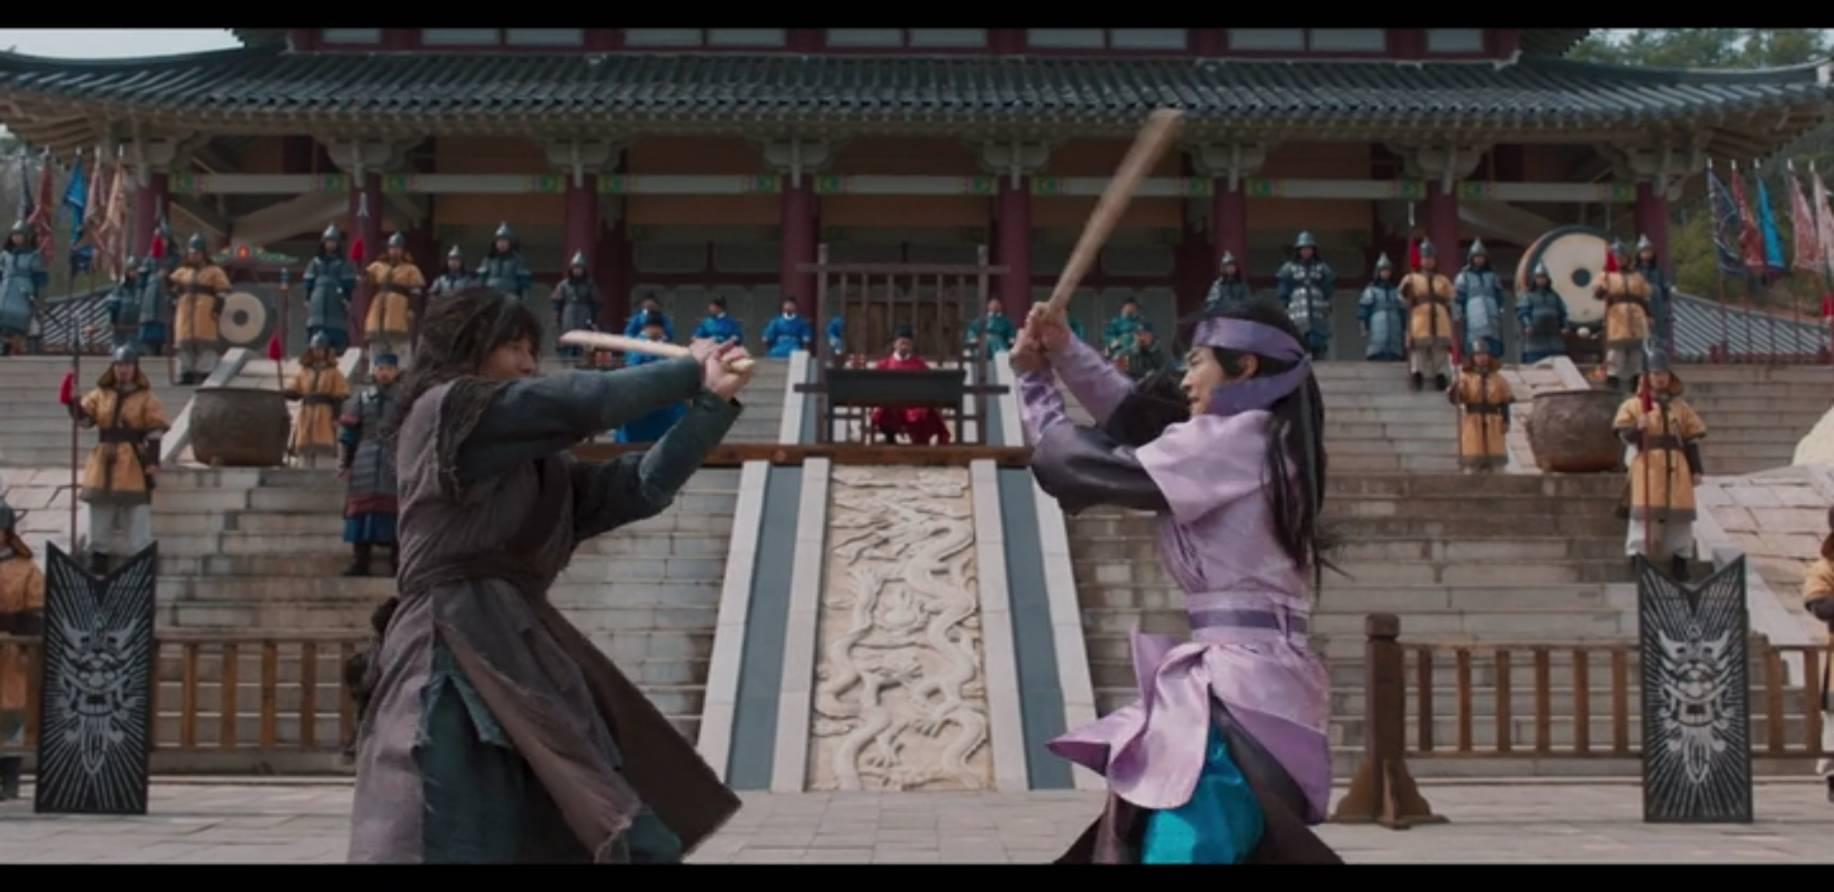 pojok-drama-my-country-makna-patriot-dan-persahabatan-salam-korea-6